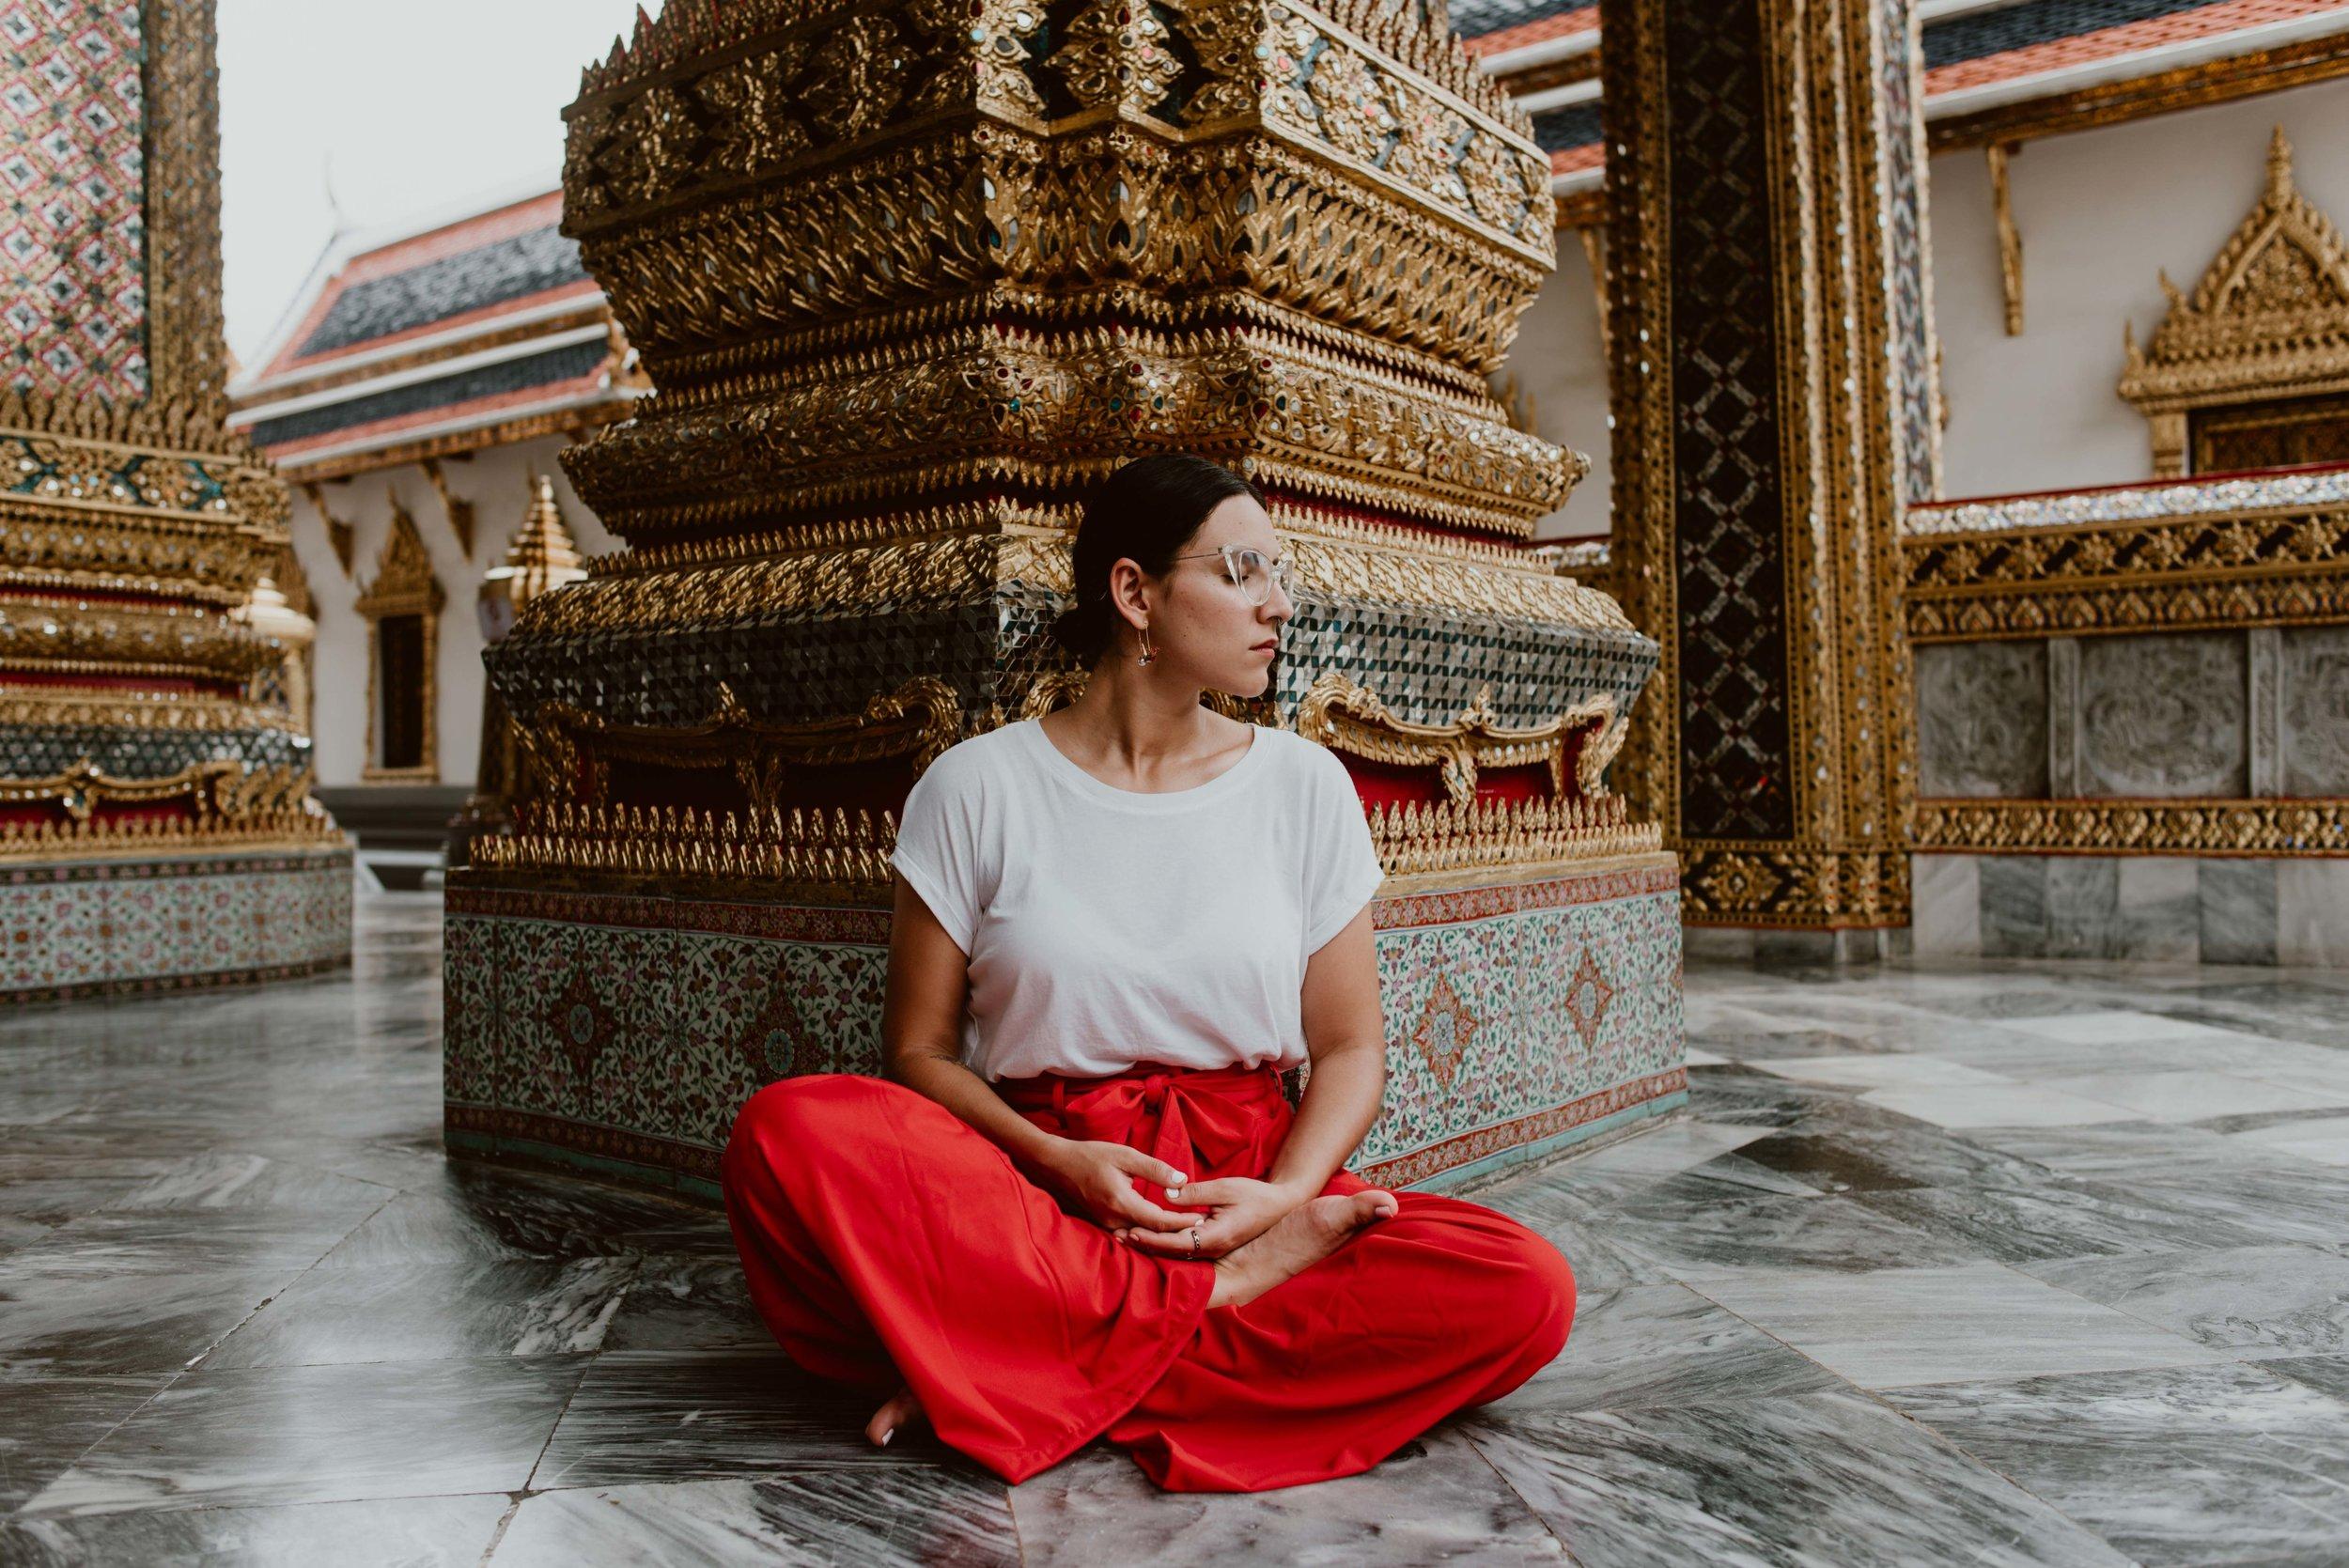 Bangkok-losebano-146.jpg